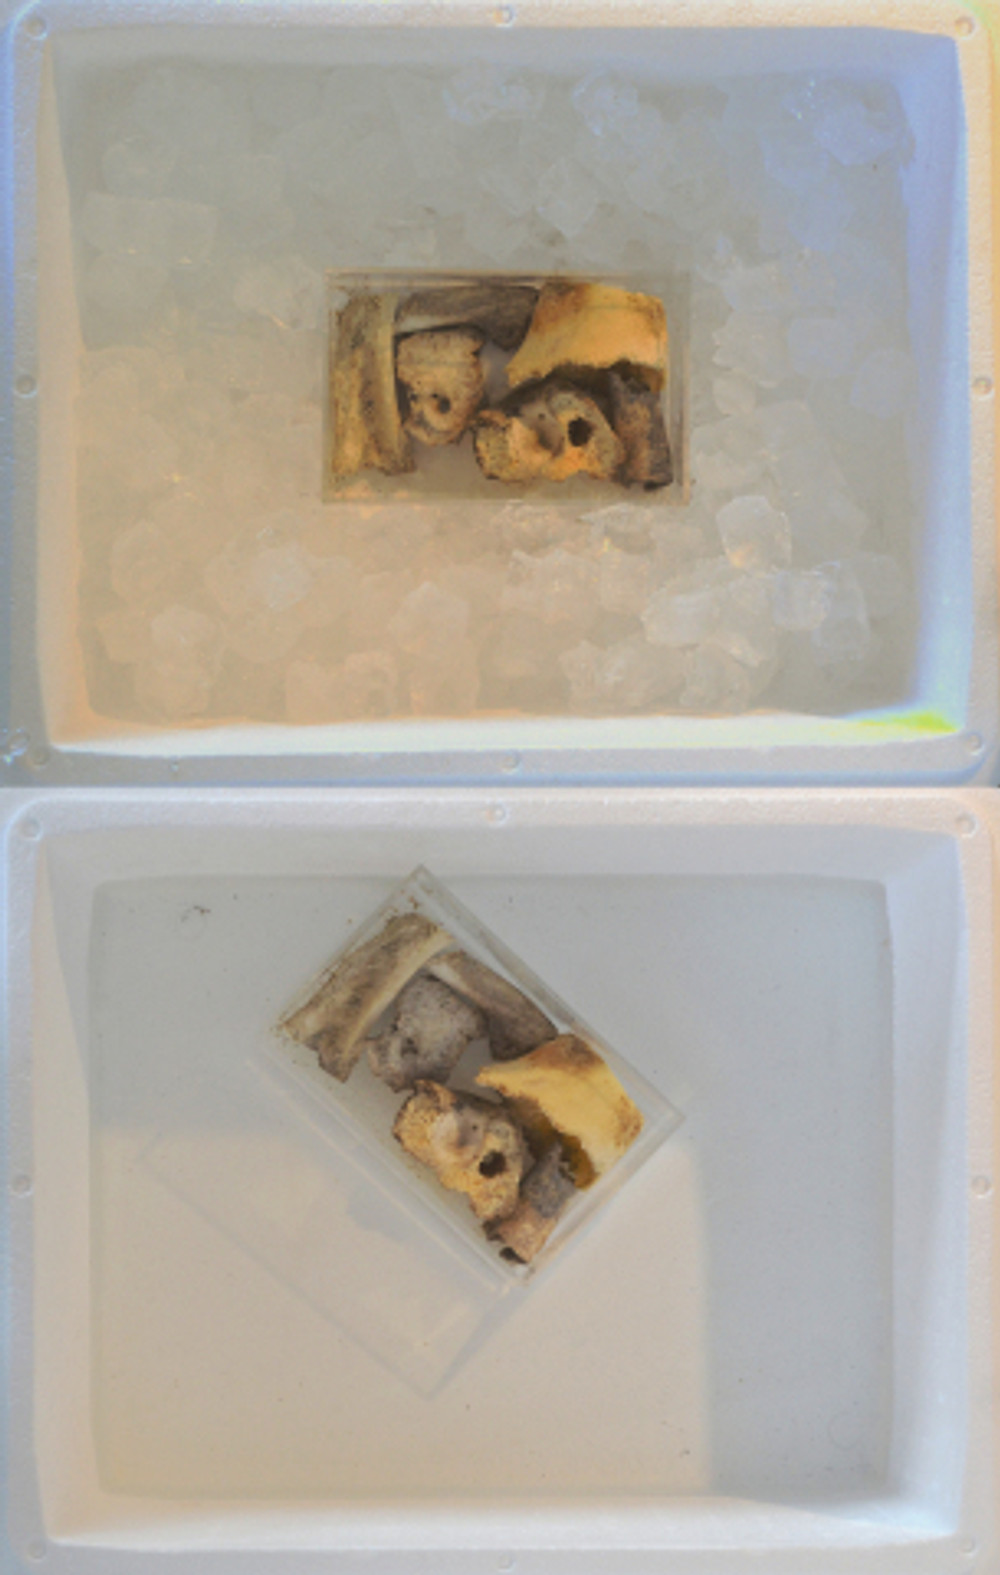 Συντήρηση, 50 Χ 18 cm, κόκκαλα, πάγος, ισοθερμική συσκευασία, plexiglass, 2017